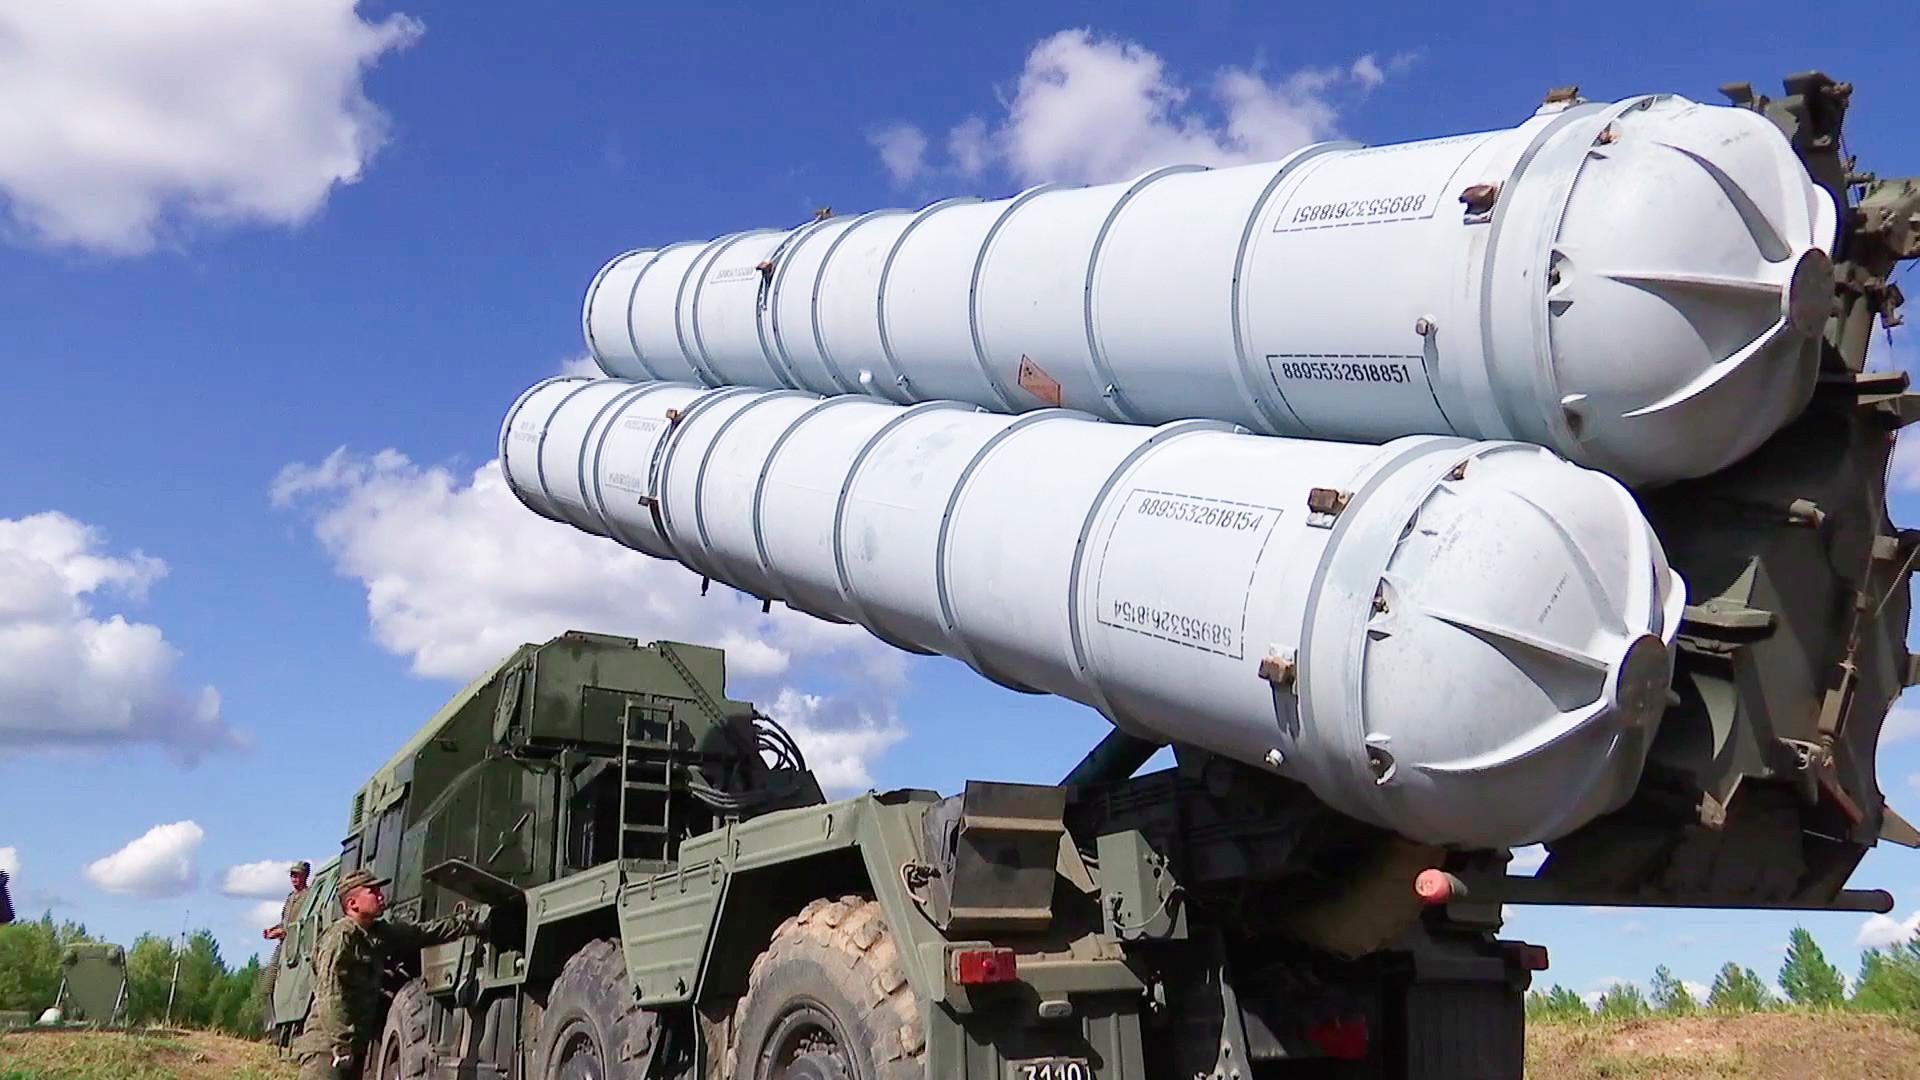 地対空ミサイルシステム「S-400」。軍事演習「ボストーク2018」を前に、テレムバ演習場で行われた中央軍管区と東部軍管区の対空ミサイル軍と防空軍の部隊の予行演習にて。